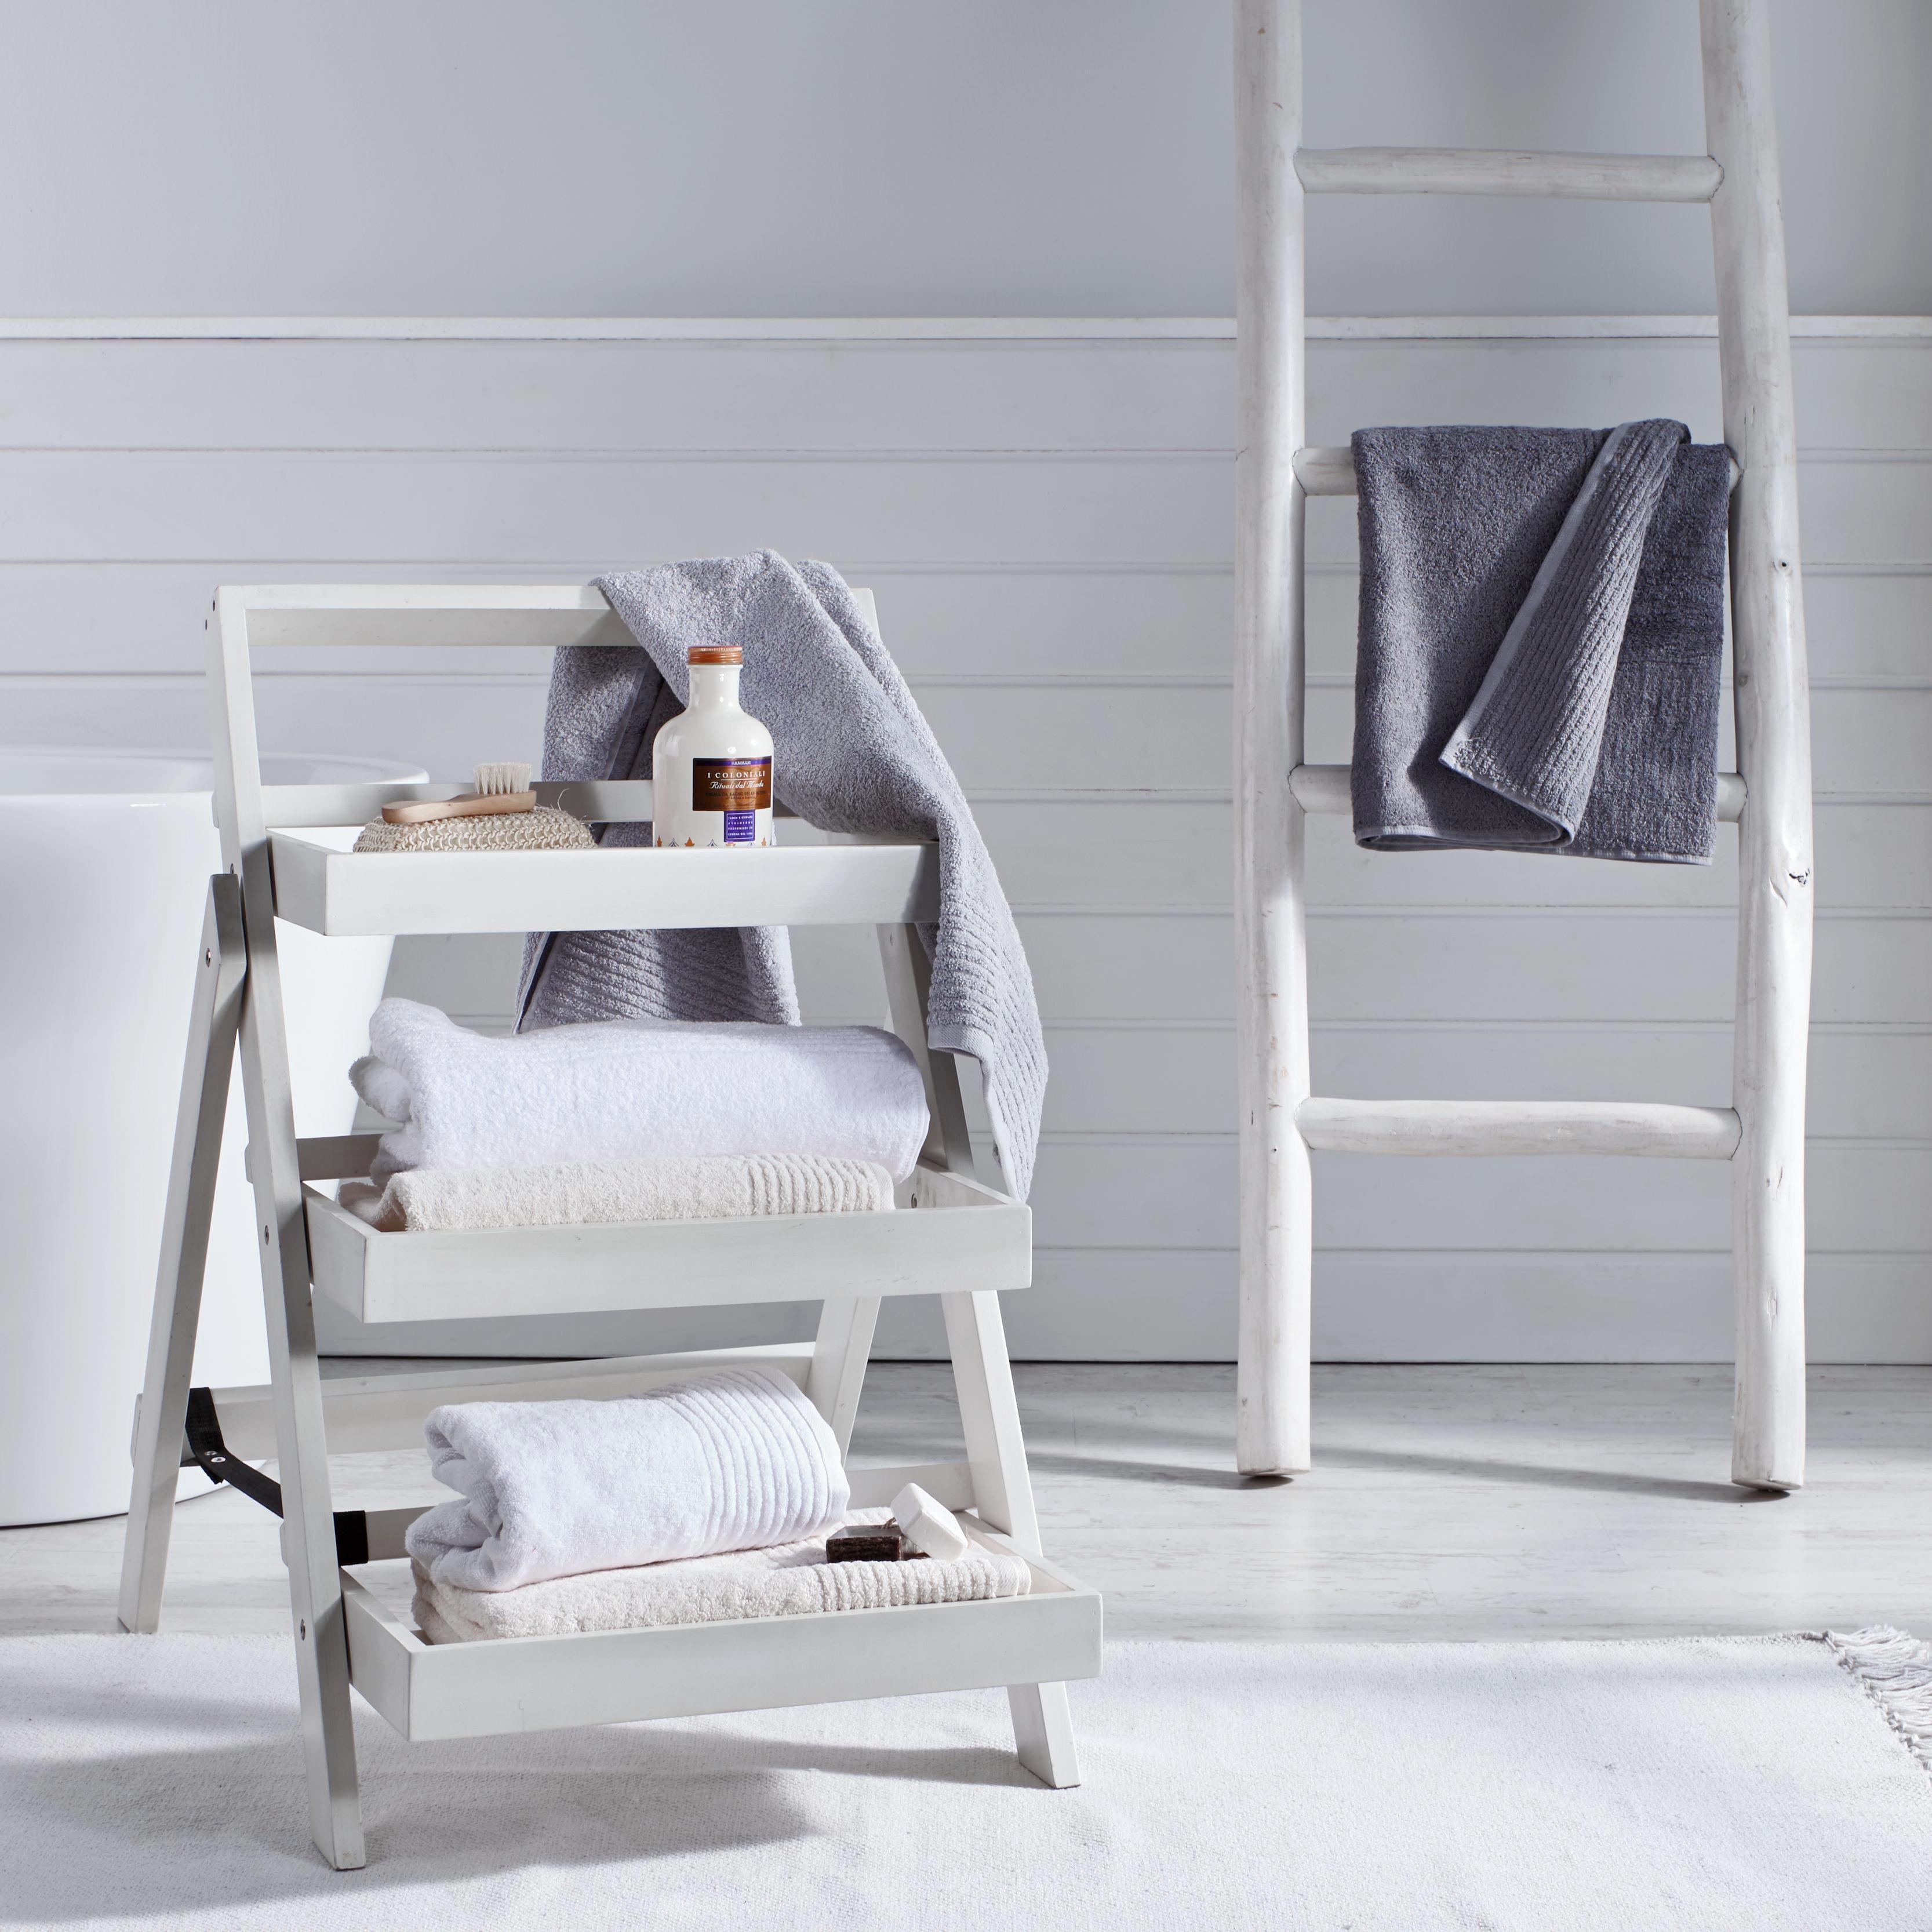 Duschtuch Dyckhoff 70x140cm - Grau, LIFESTYLE, Textil (70x140cm) - DYCKHOFF